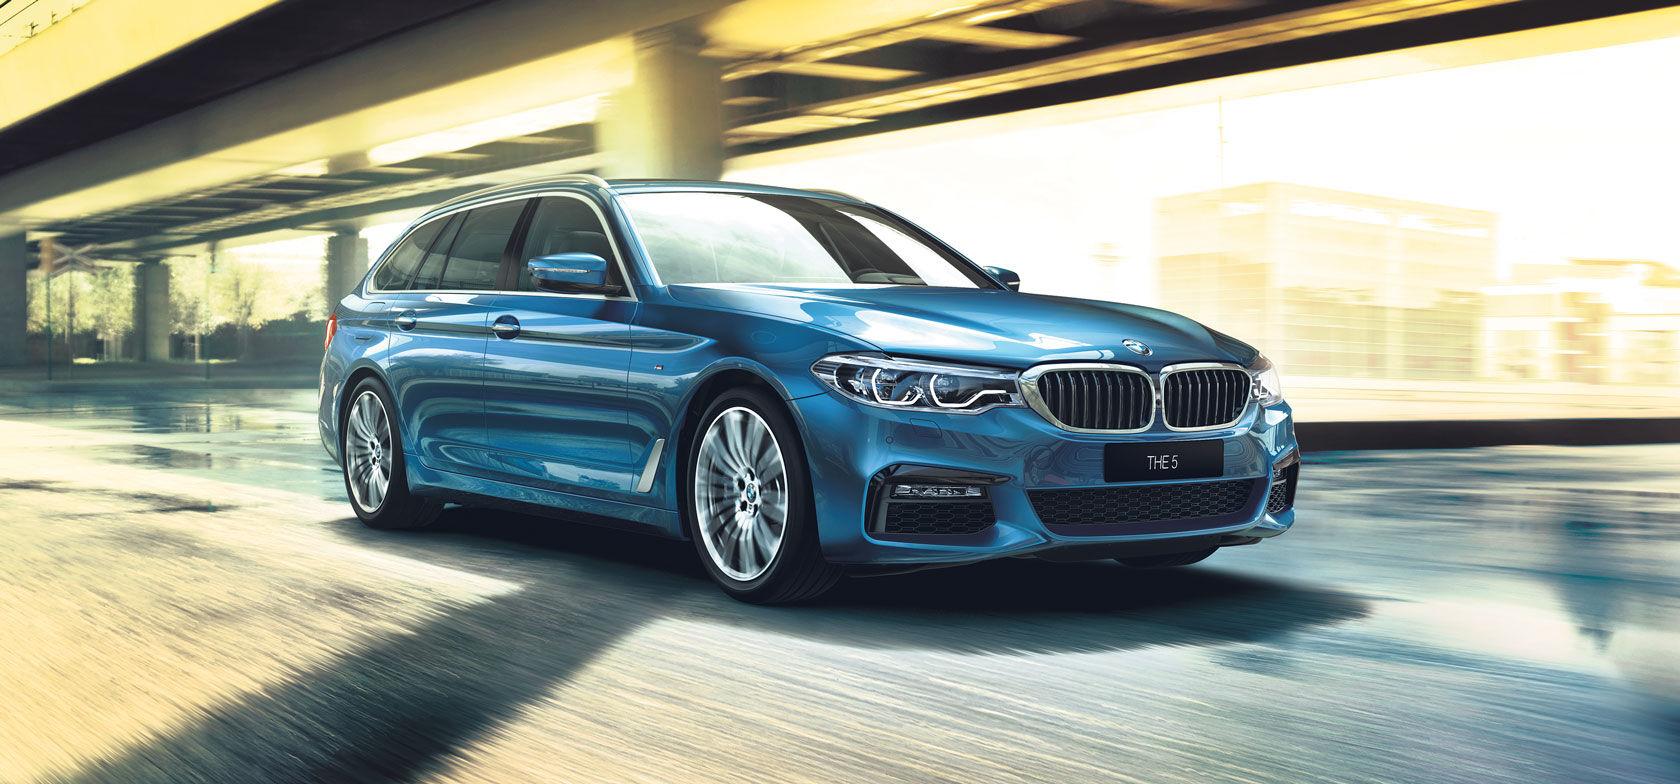 BMW-varastoautot: Nyt nopea toimitus ja huippuedut